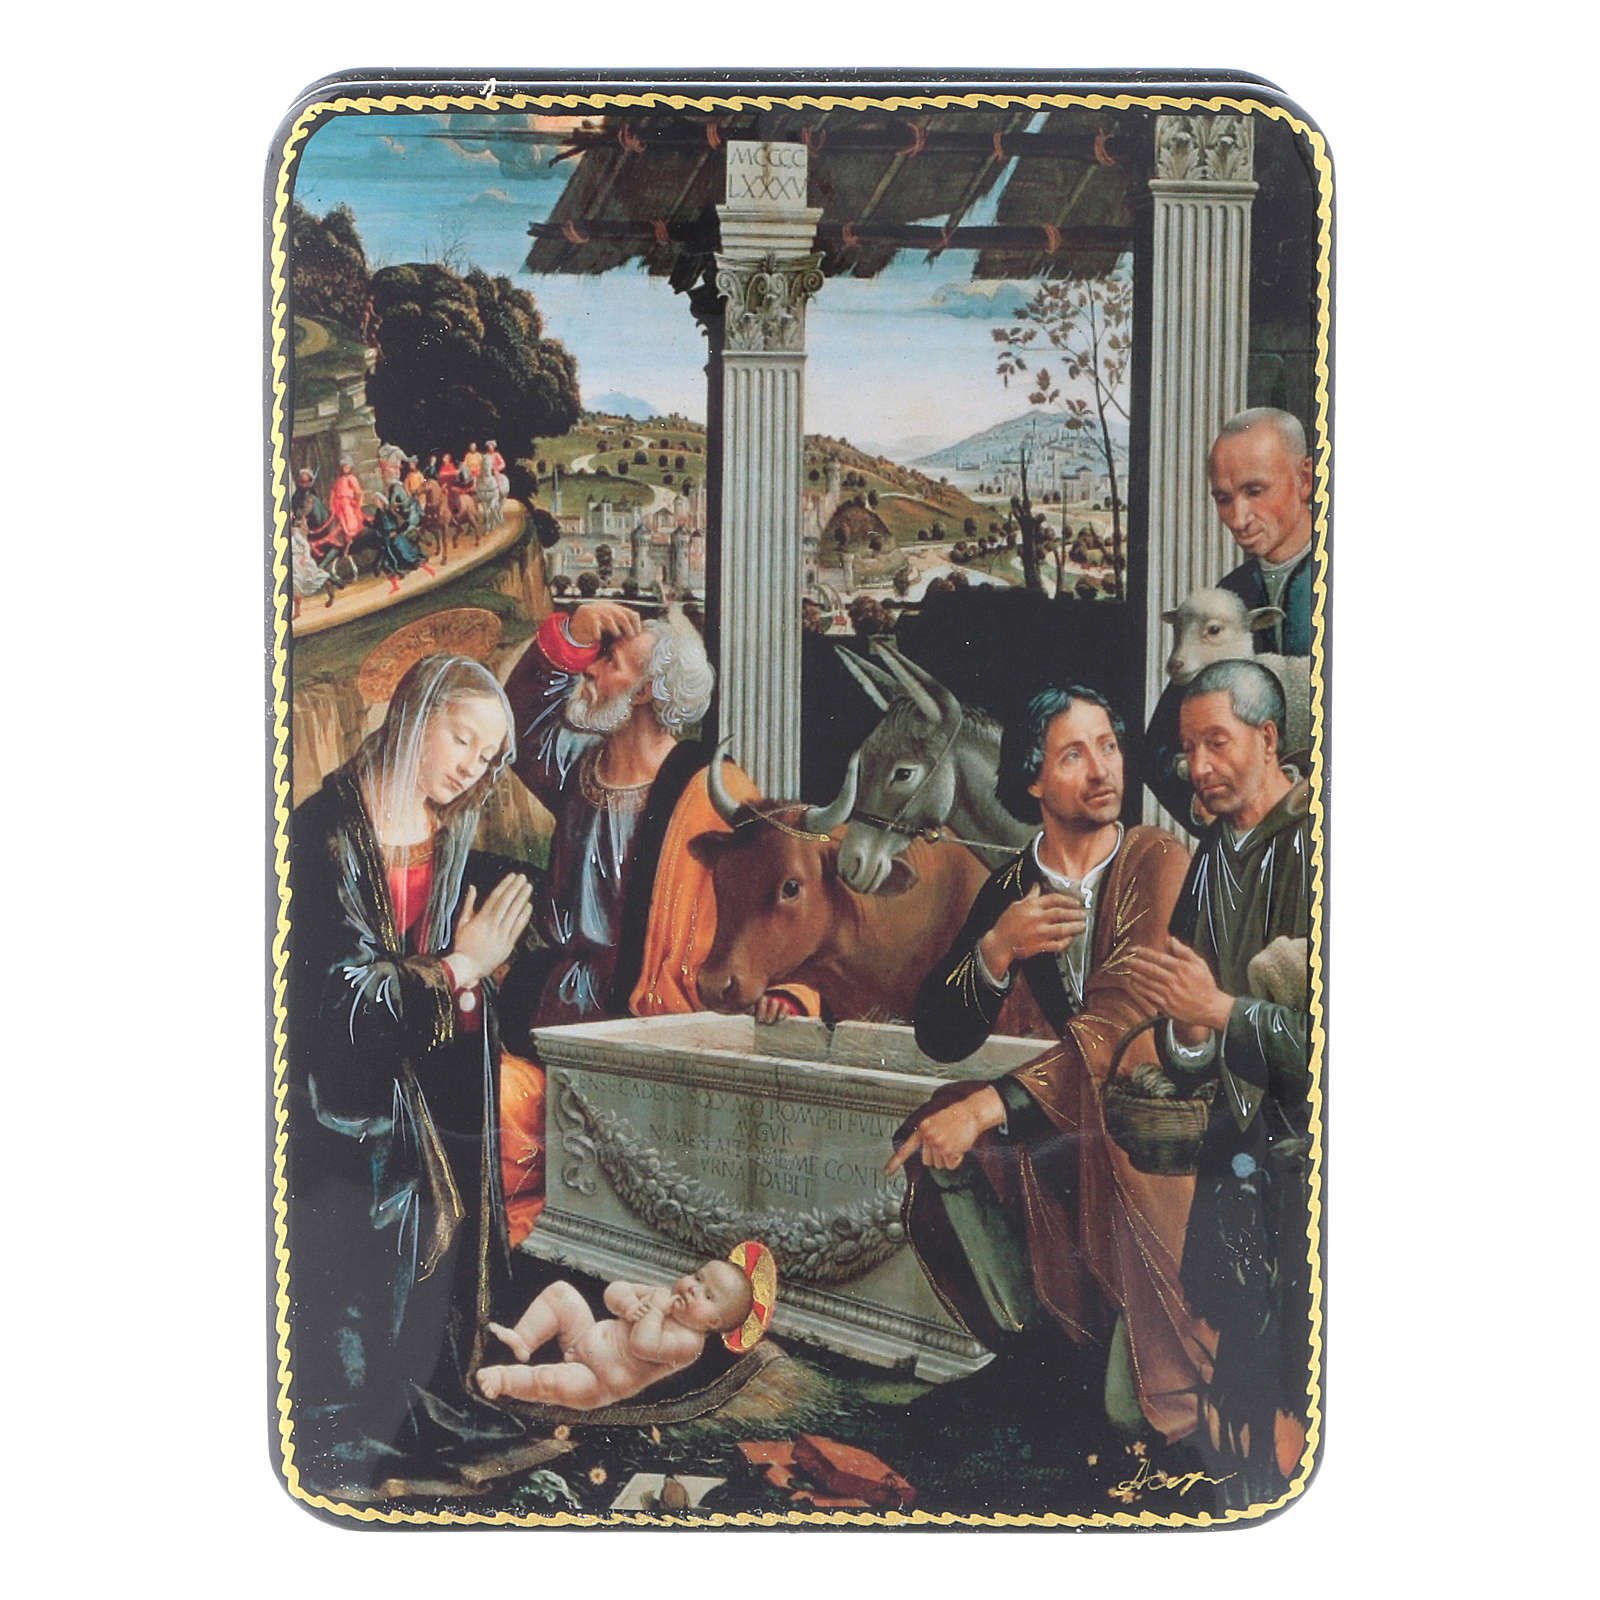 Scatola russa cartapesta Adorazione dei Pastori Fedoskino style 15x11 4